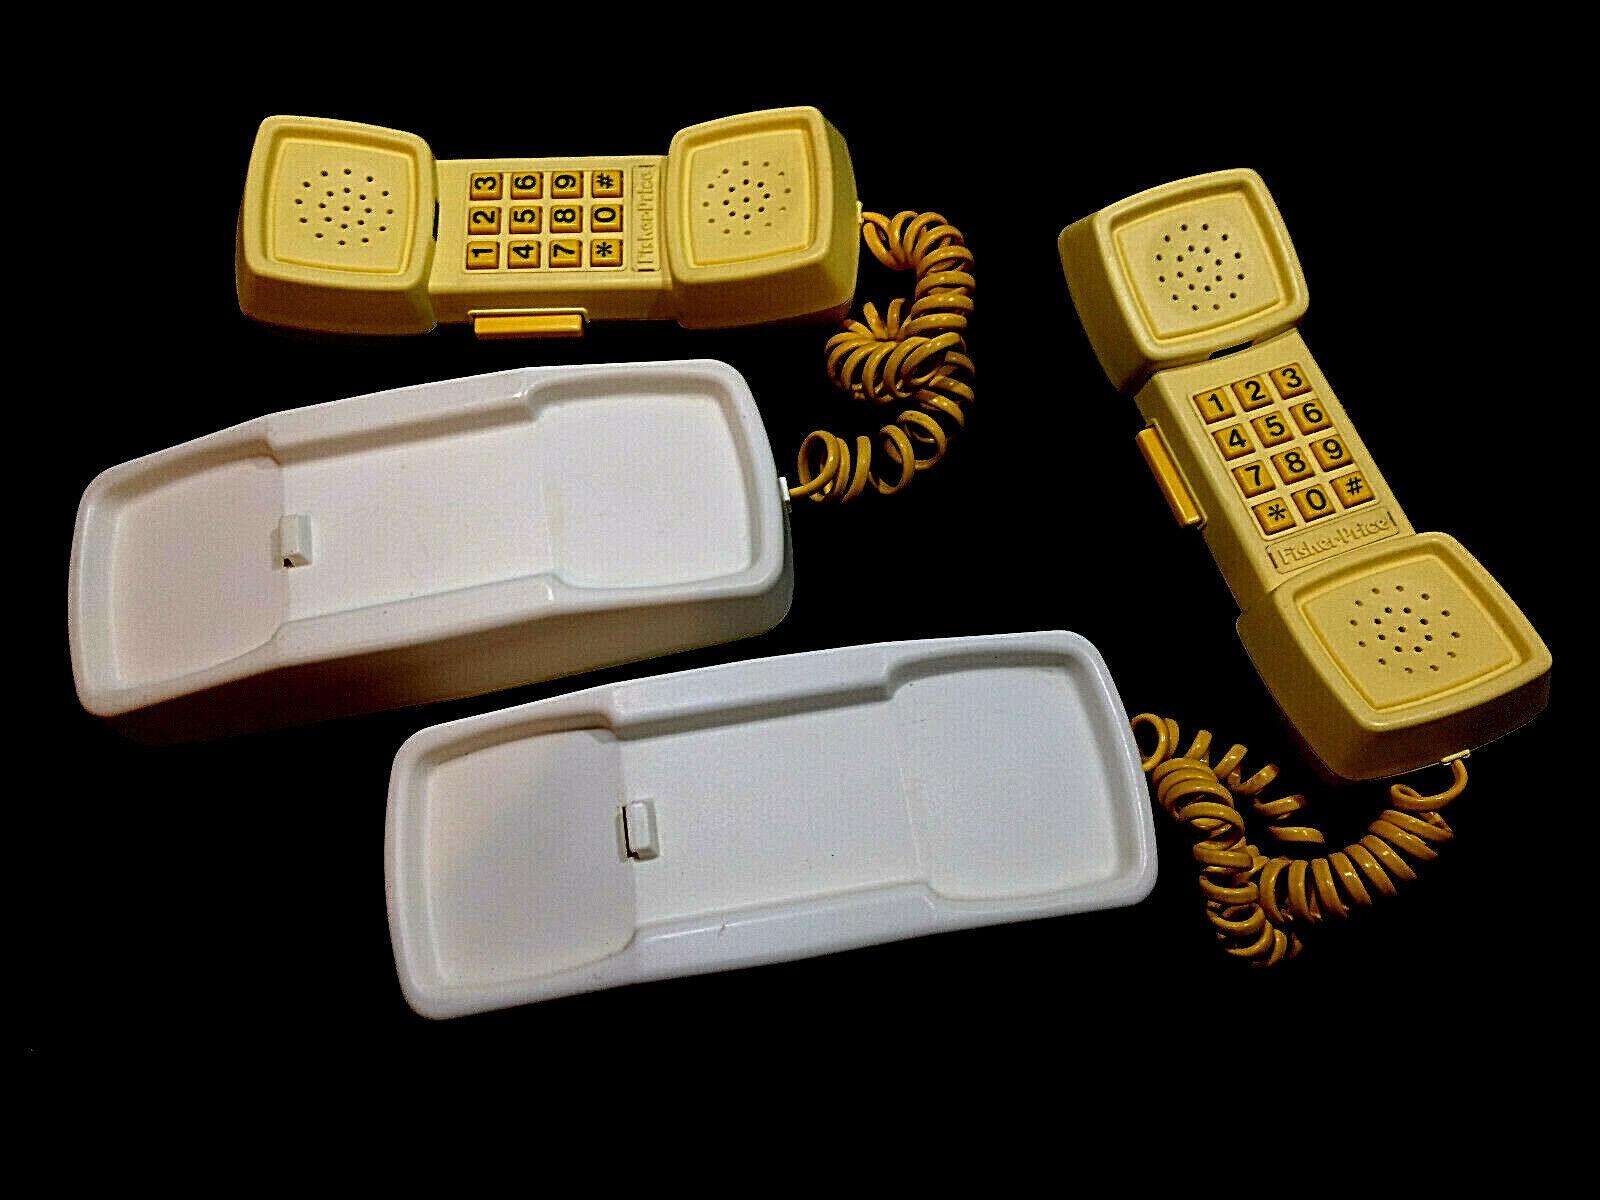 FISHER PRICE VINTAGE PHONE FRIENDS WALKIE TALKIE PLAY PHONES Set of 2 Very Nice